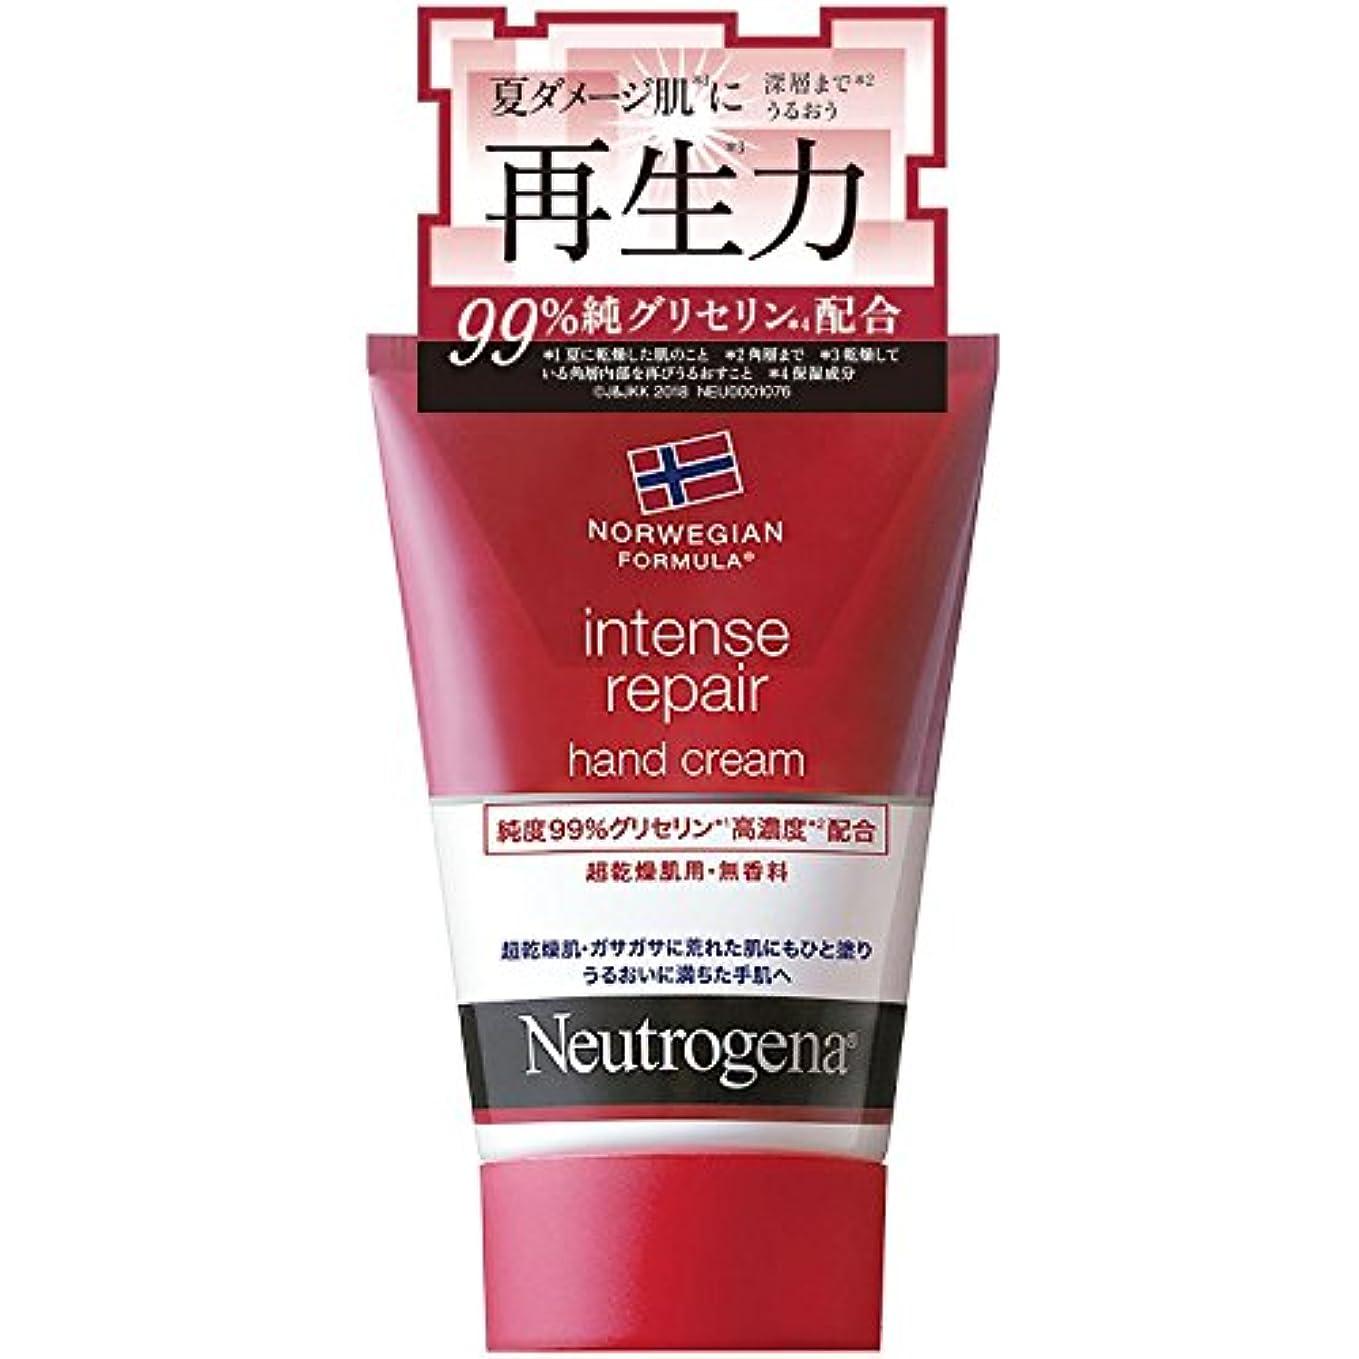 むしゃむしゃ新しい意味首尾一貫したNeutrogena(ニュートロジーナ) ノルウェーフォーミュラ インテンスリペア ハンドクリーム 超乾燥肌用 無香料 単品 50g